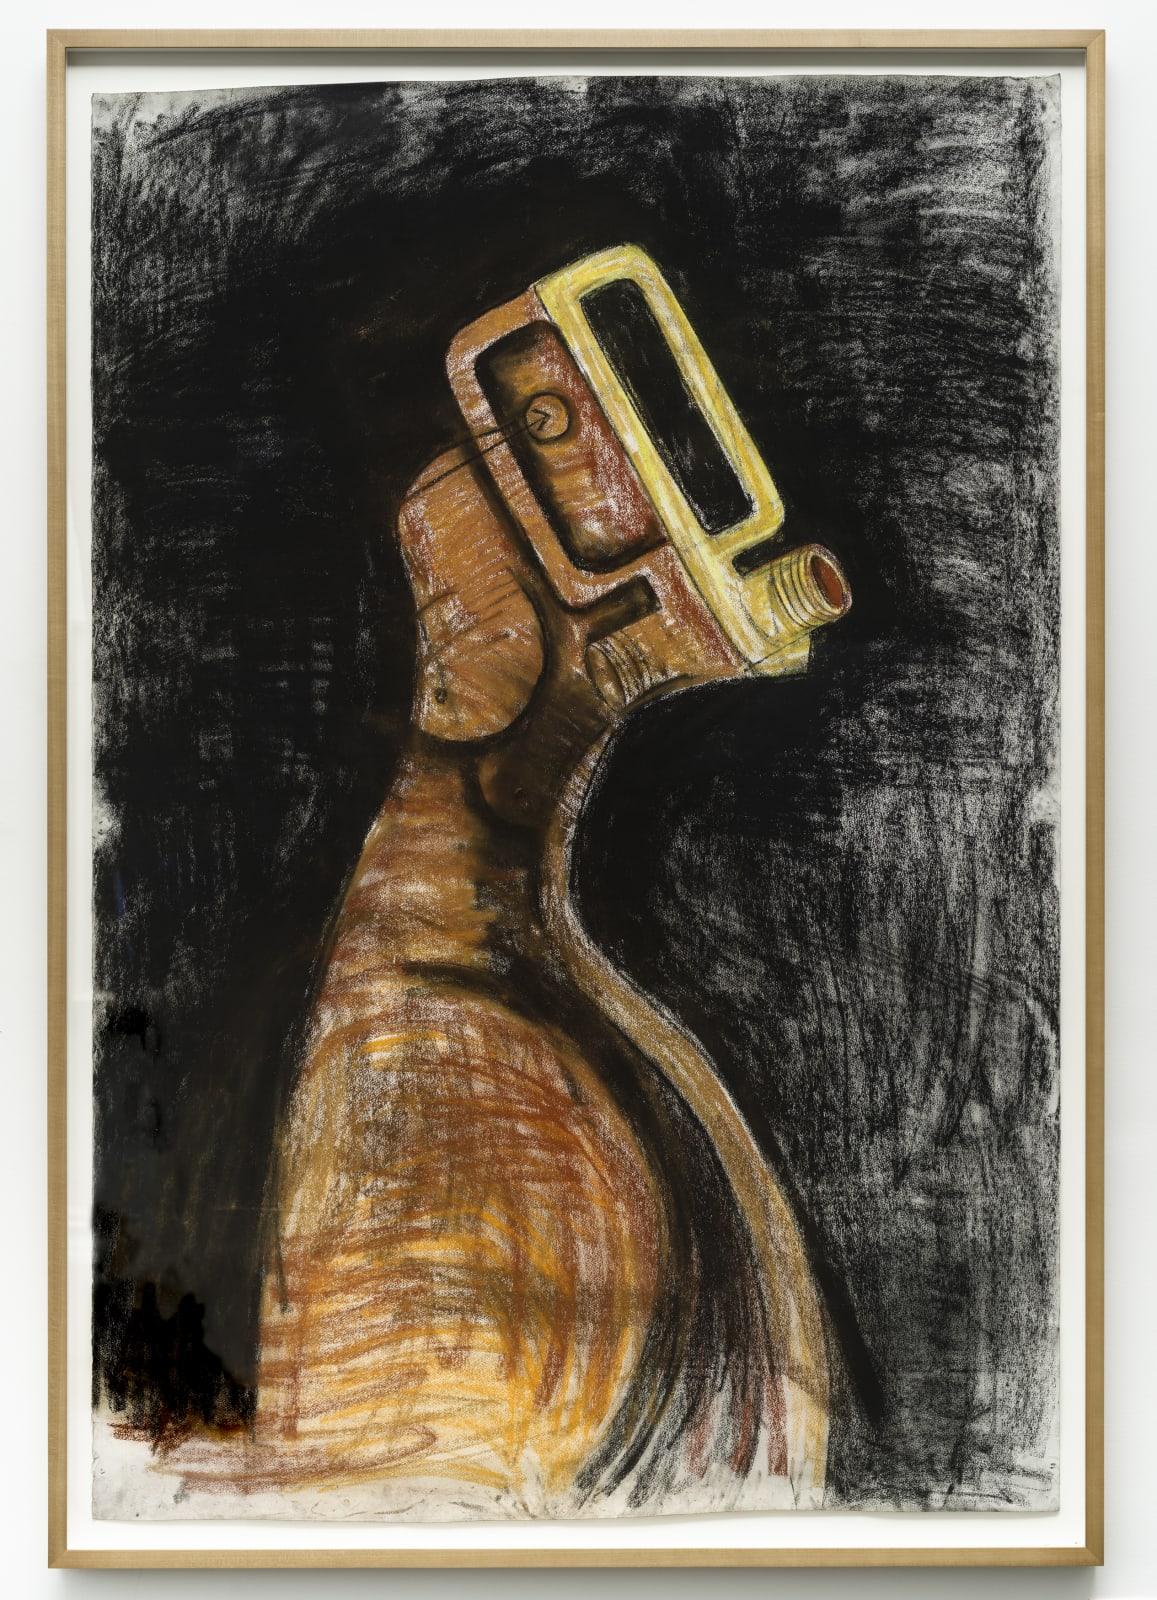 Serge Attukwei Clottey, Body and mask, 2018